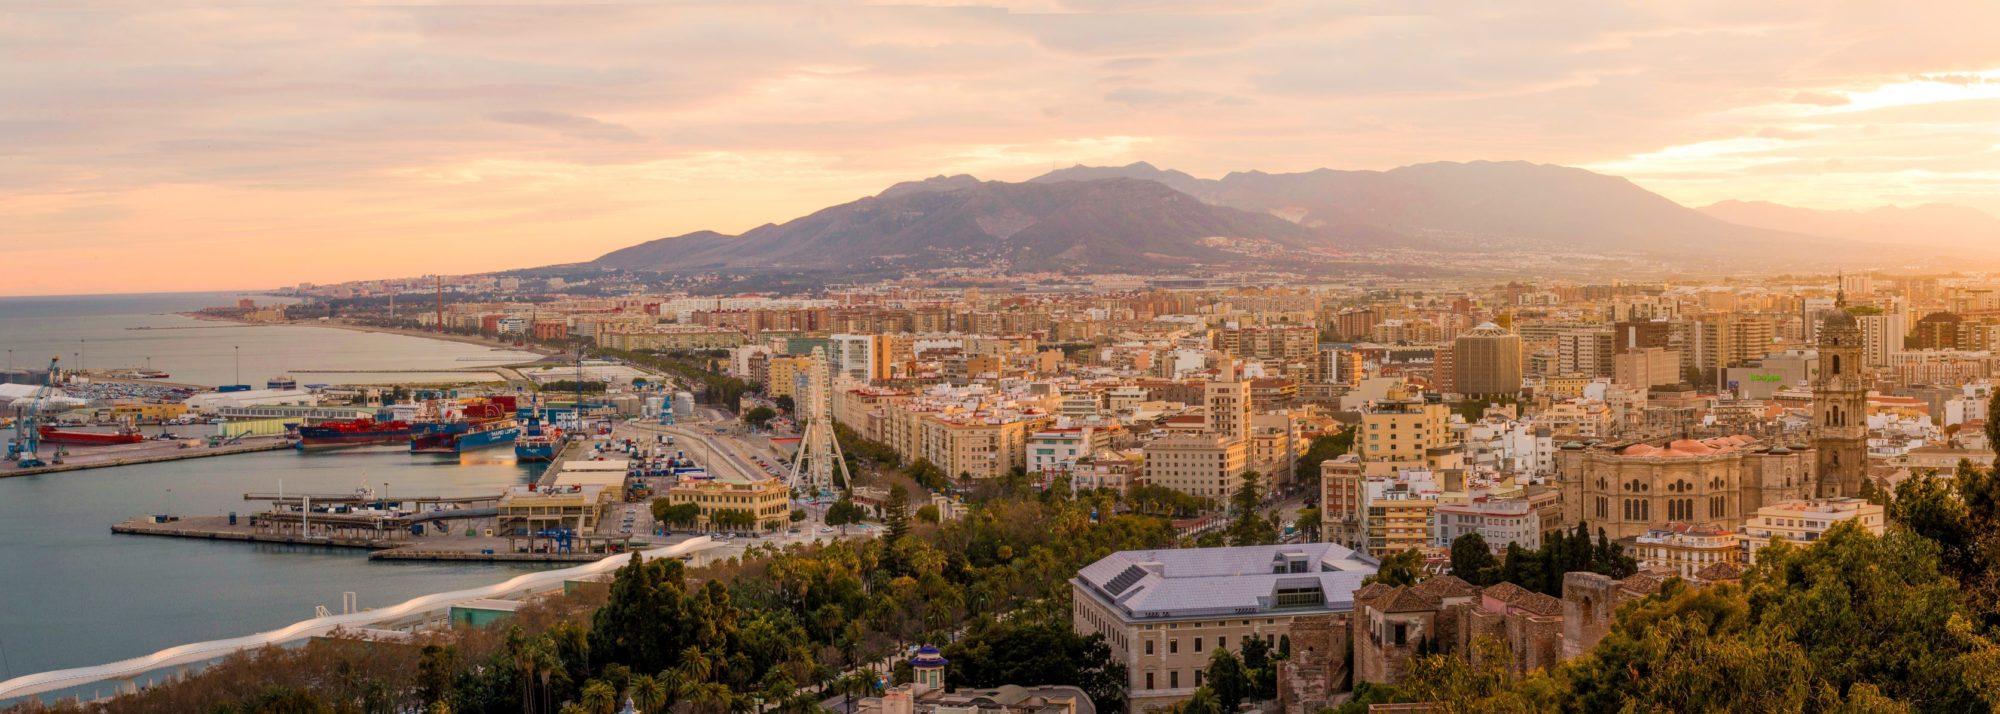 Viaje escolar a Málaga Etheria Trips